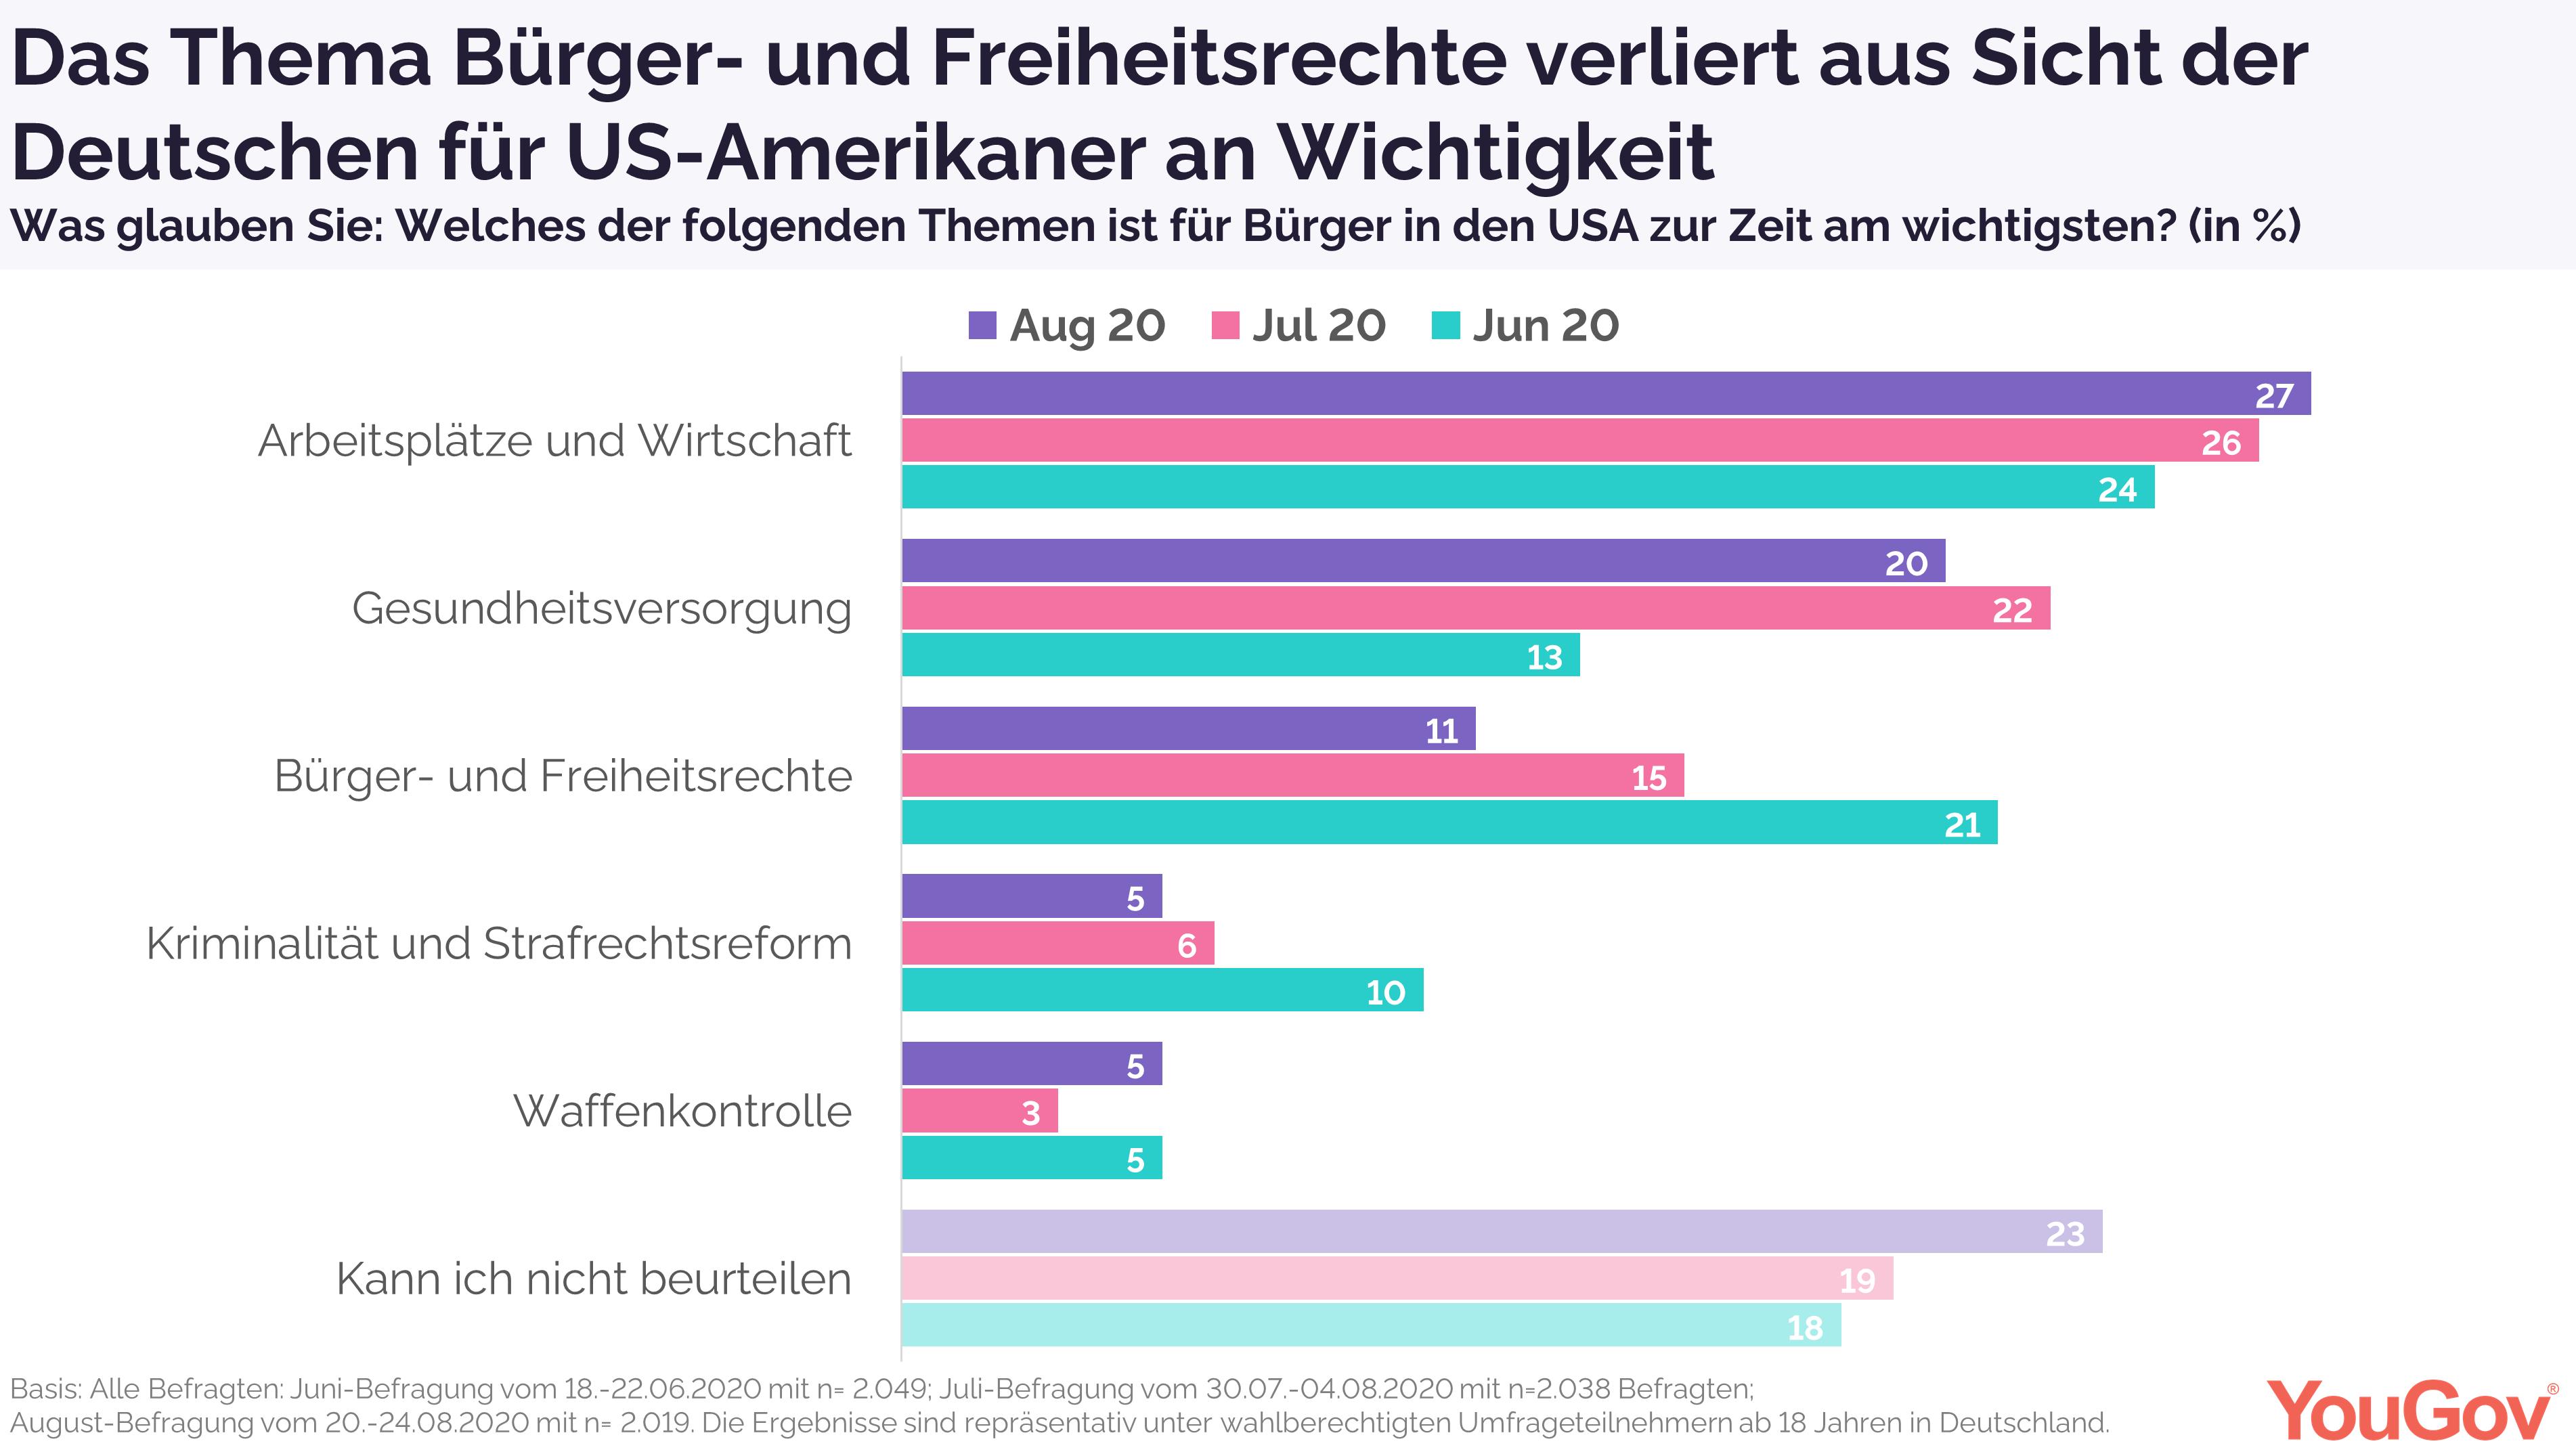 Arbeitsplätze und Wirtschaft laut Deutschen wichtigstes Thema in den USA